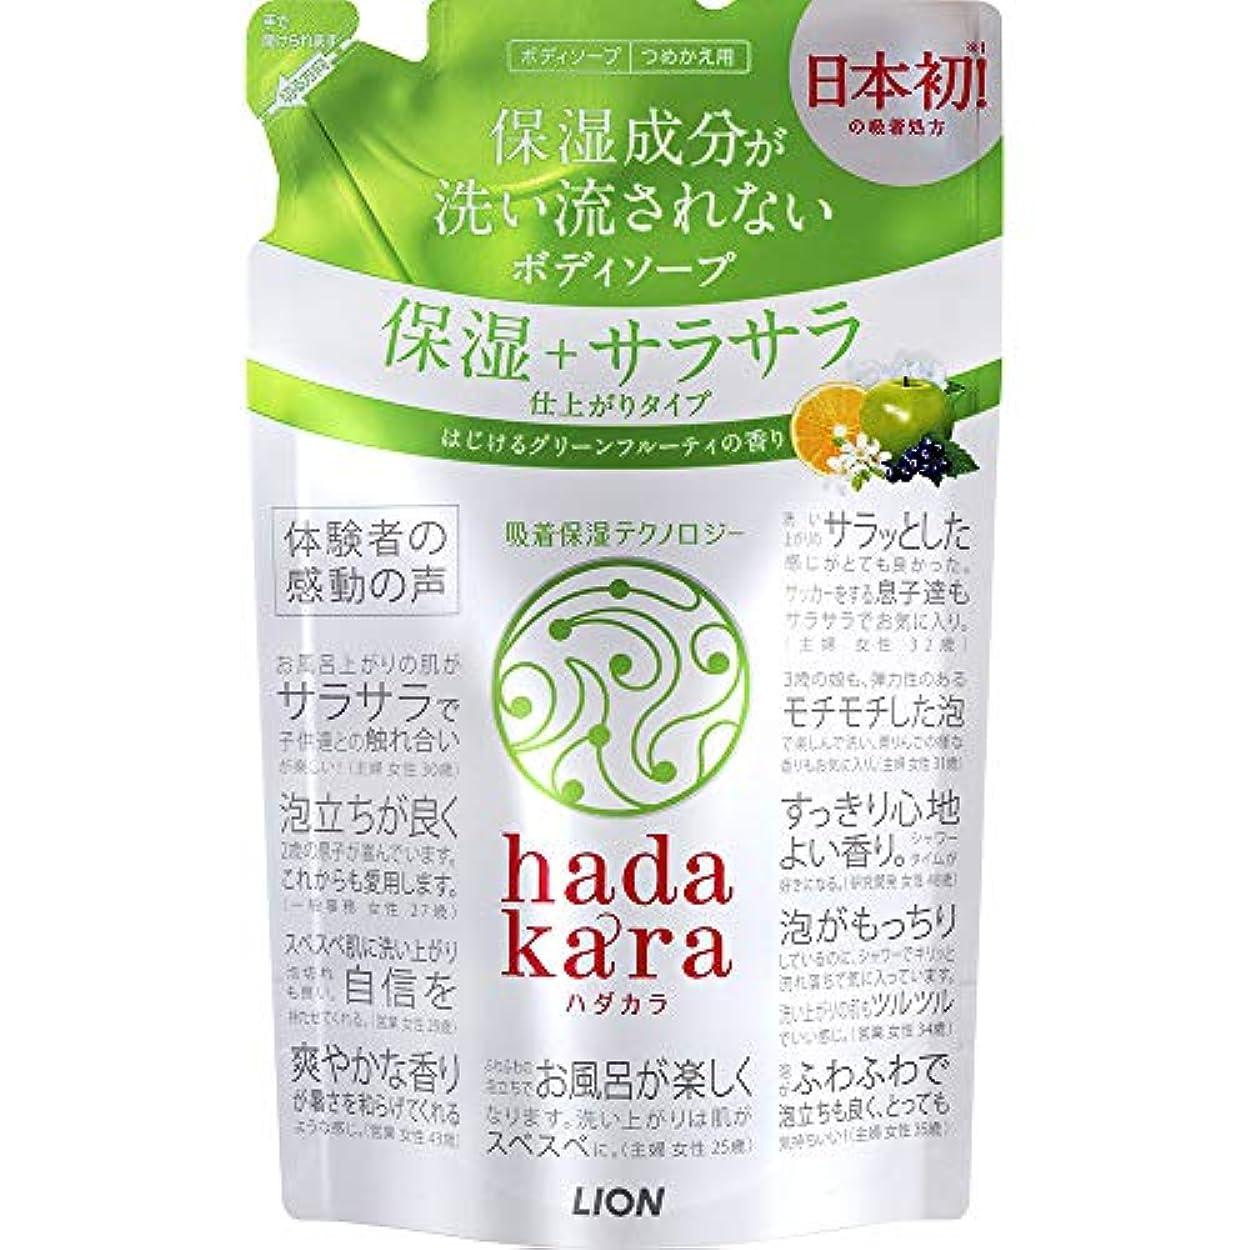 テセウス特権的ピケhadakara(ハダカラ) ボディソープ 保湿+サラサラ仕上がりタイプ グリーンフルーティの香り 詰め替え 340ml